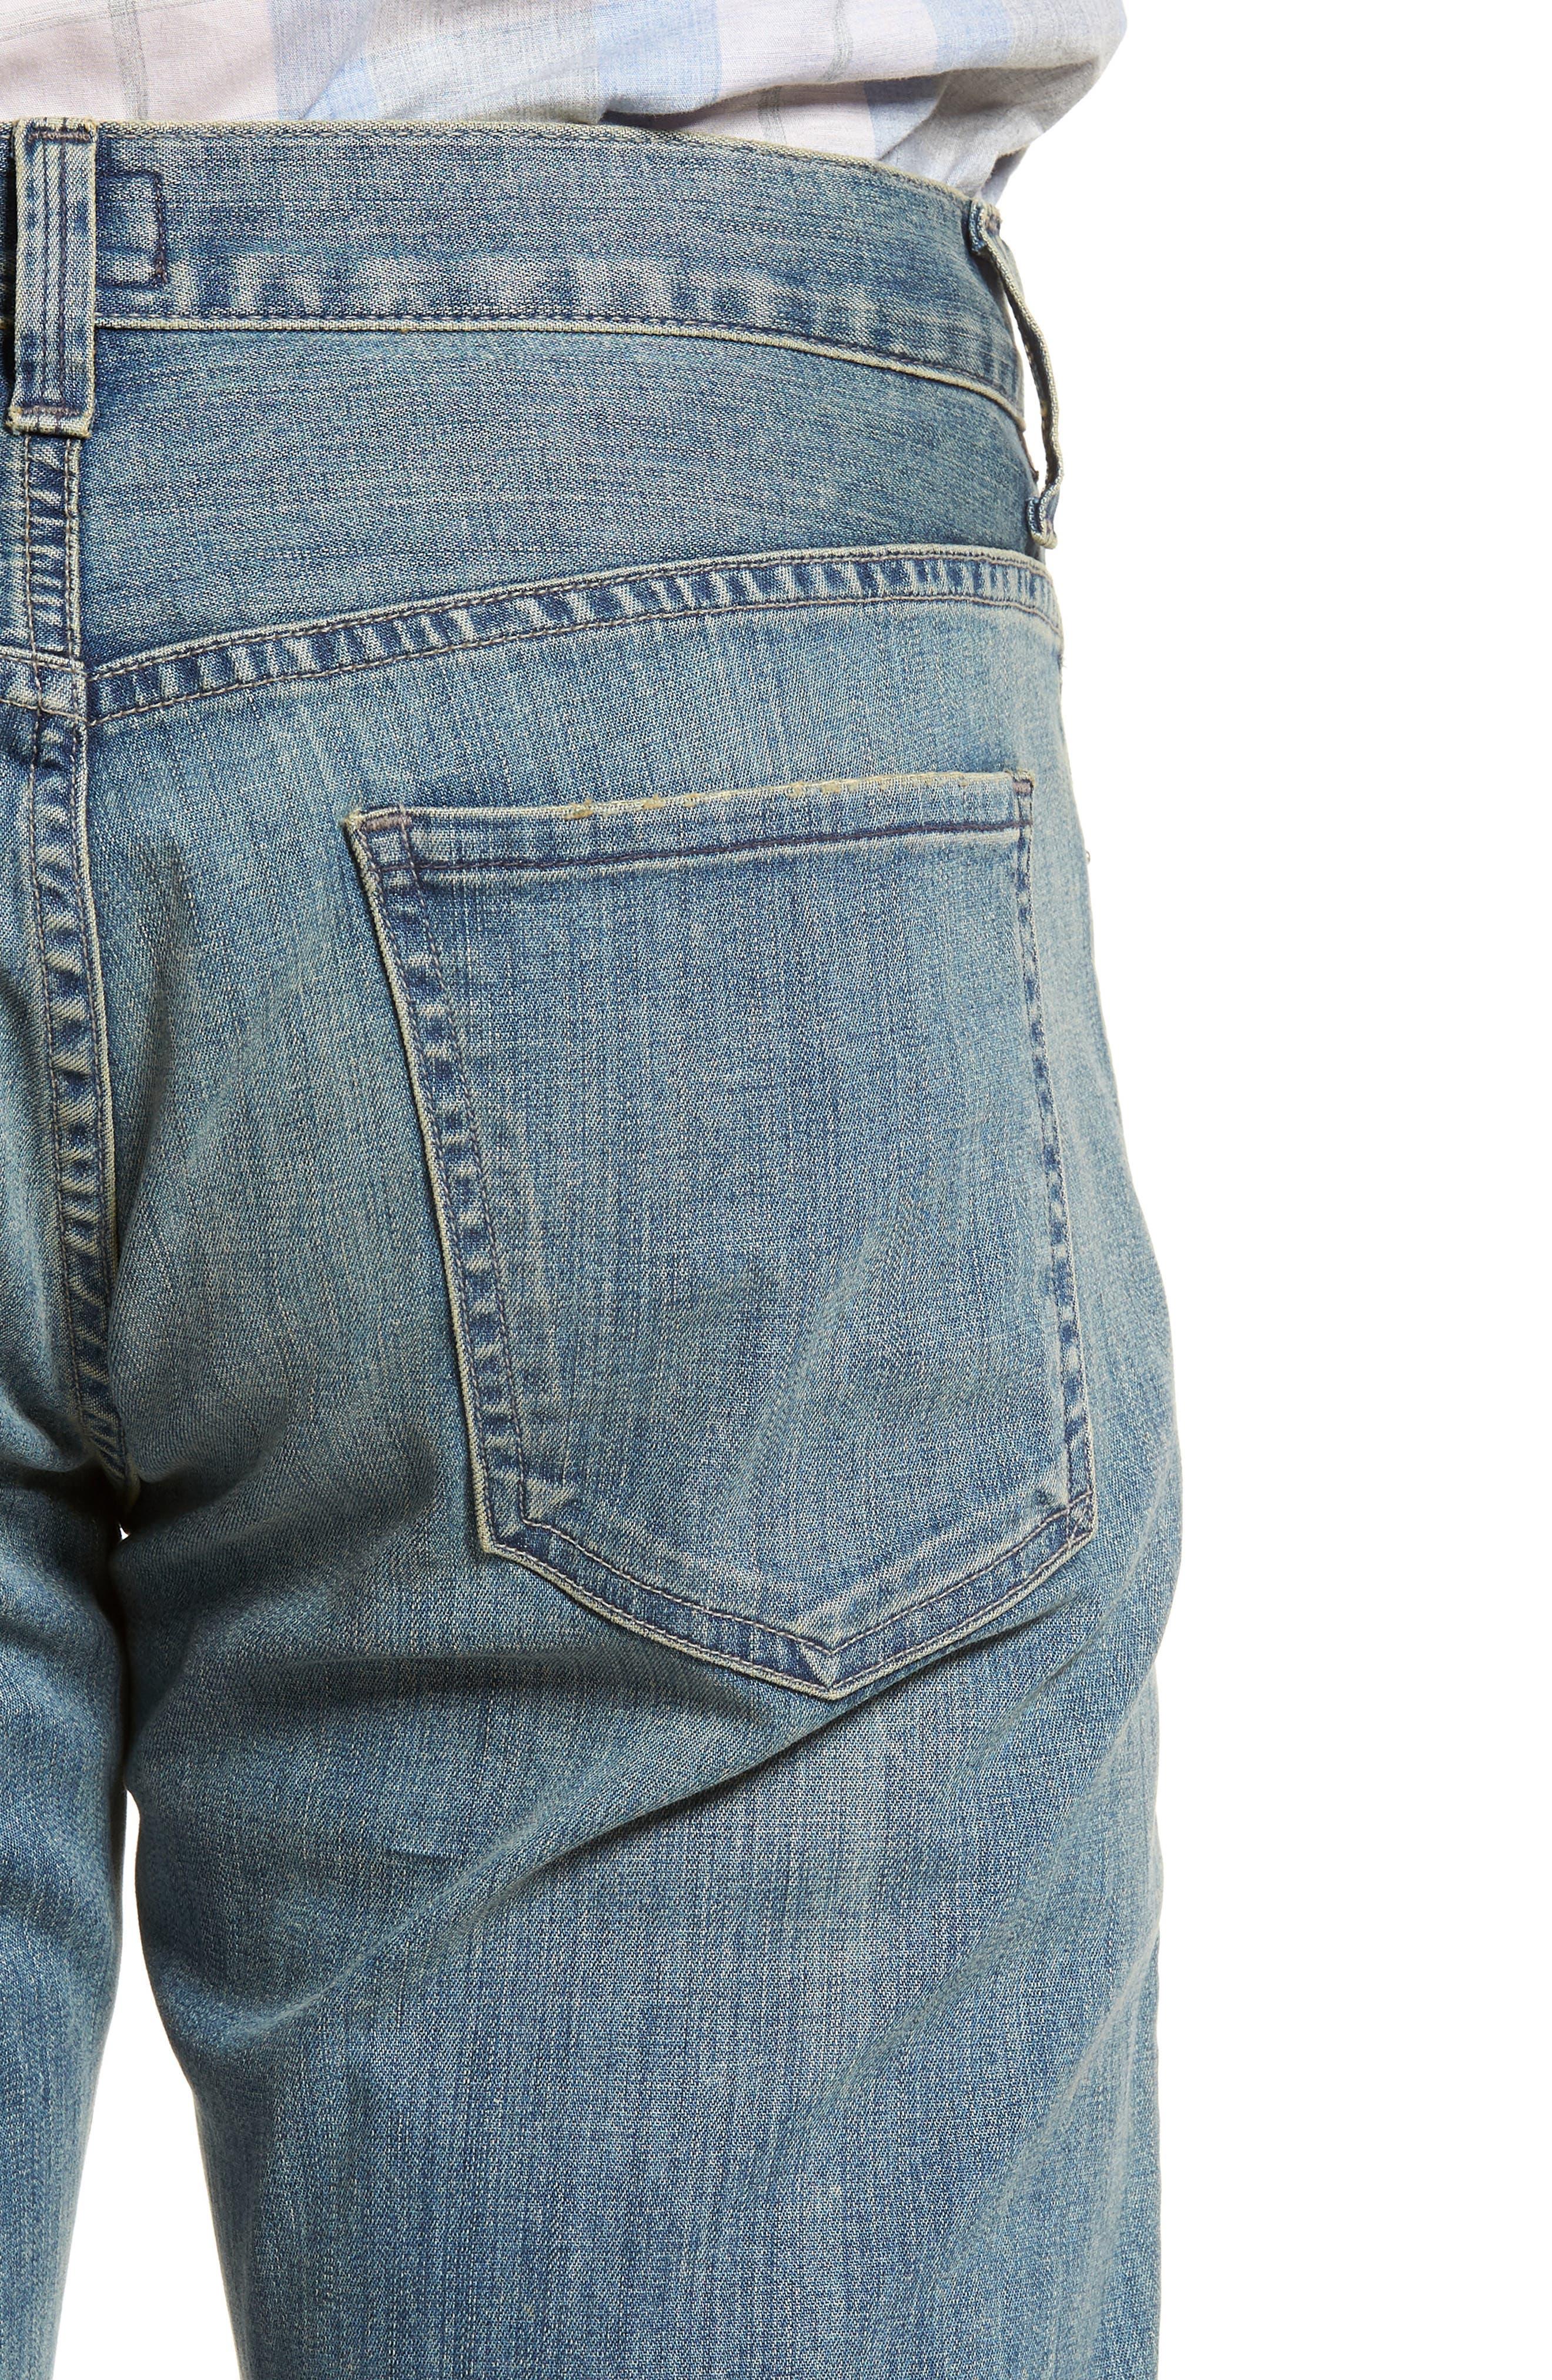 Gage Slim Straight Leg Jeans,                             Alternate thumbnail 4, color,                             ADLER